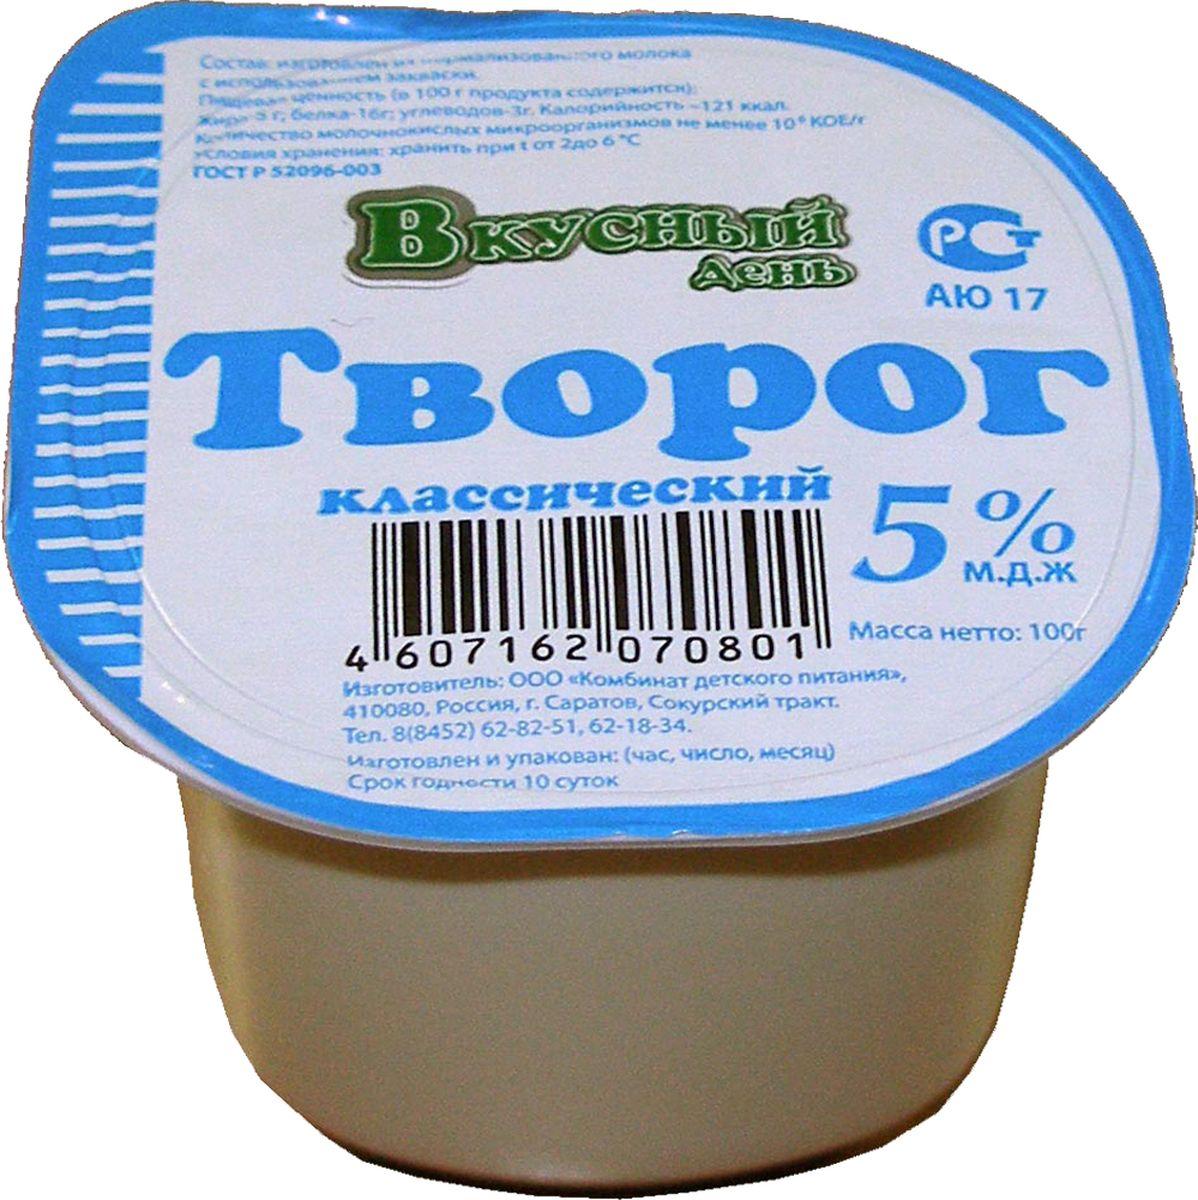 Вкусный день Творог 5%, 100 г молочный стиль ацидофилин 2 5% 250 г